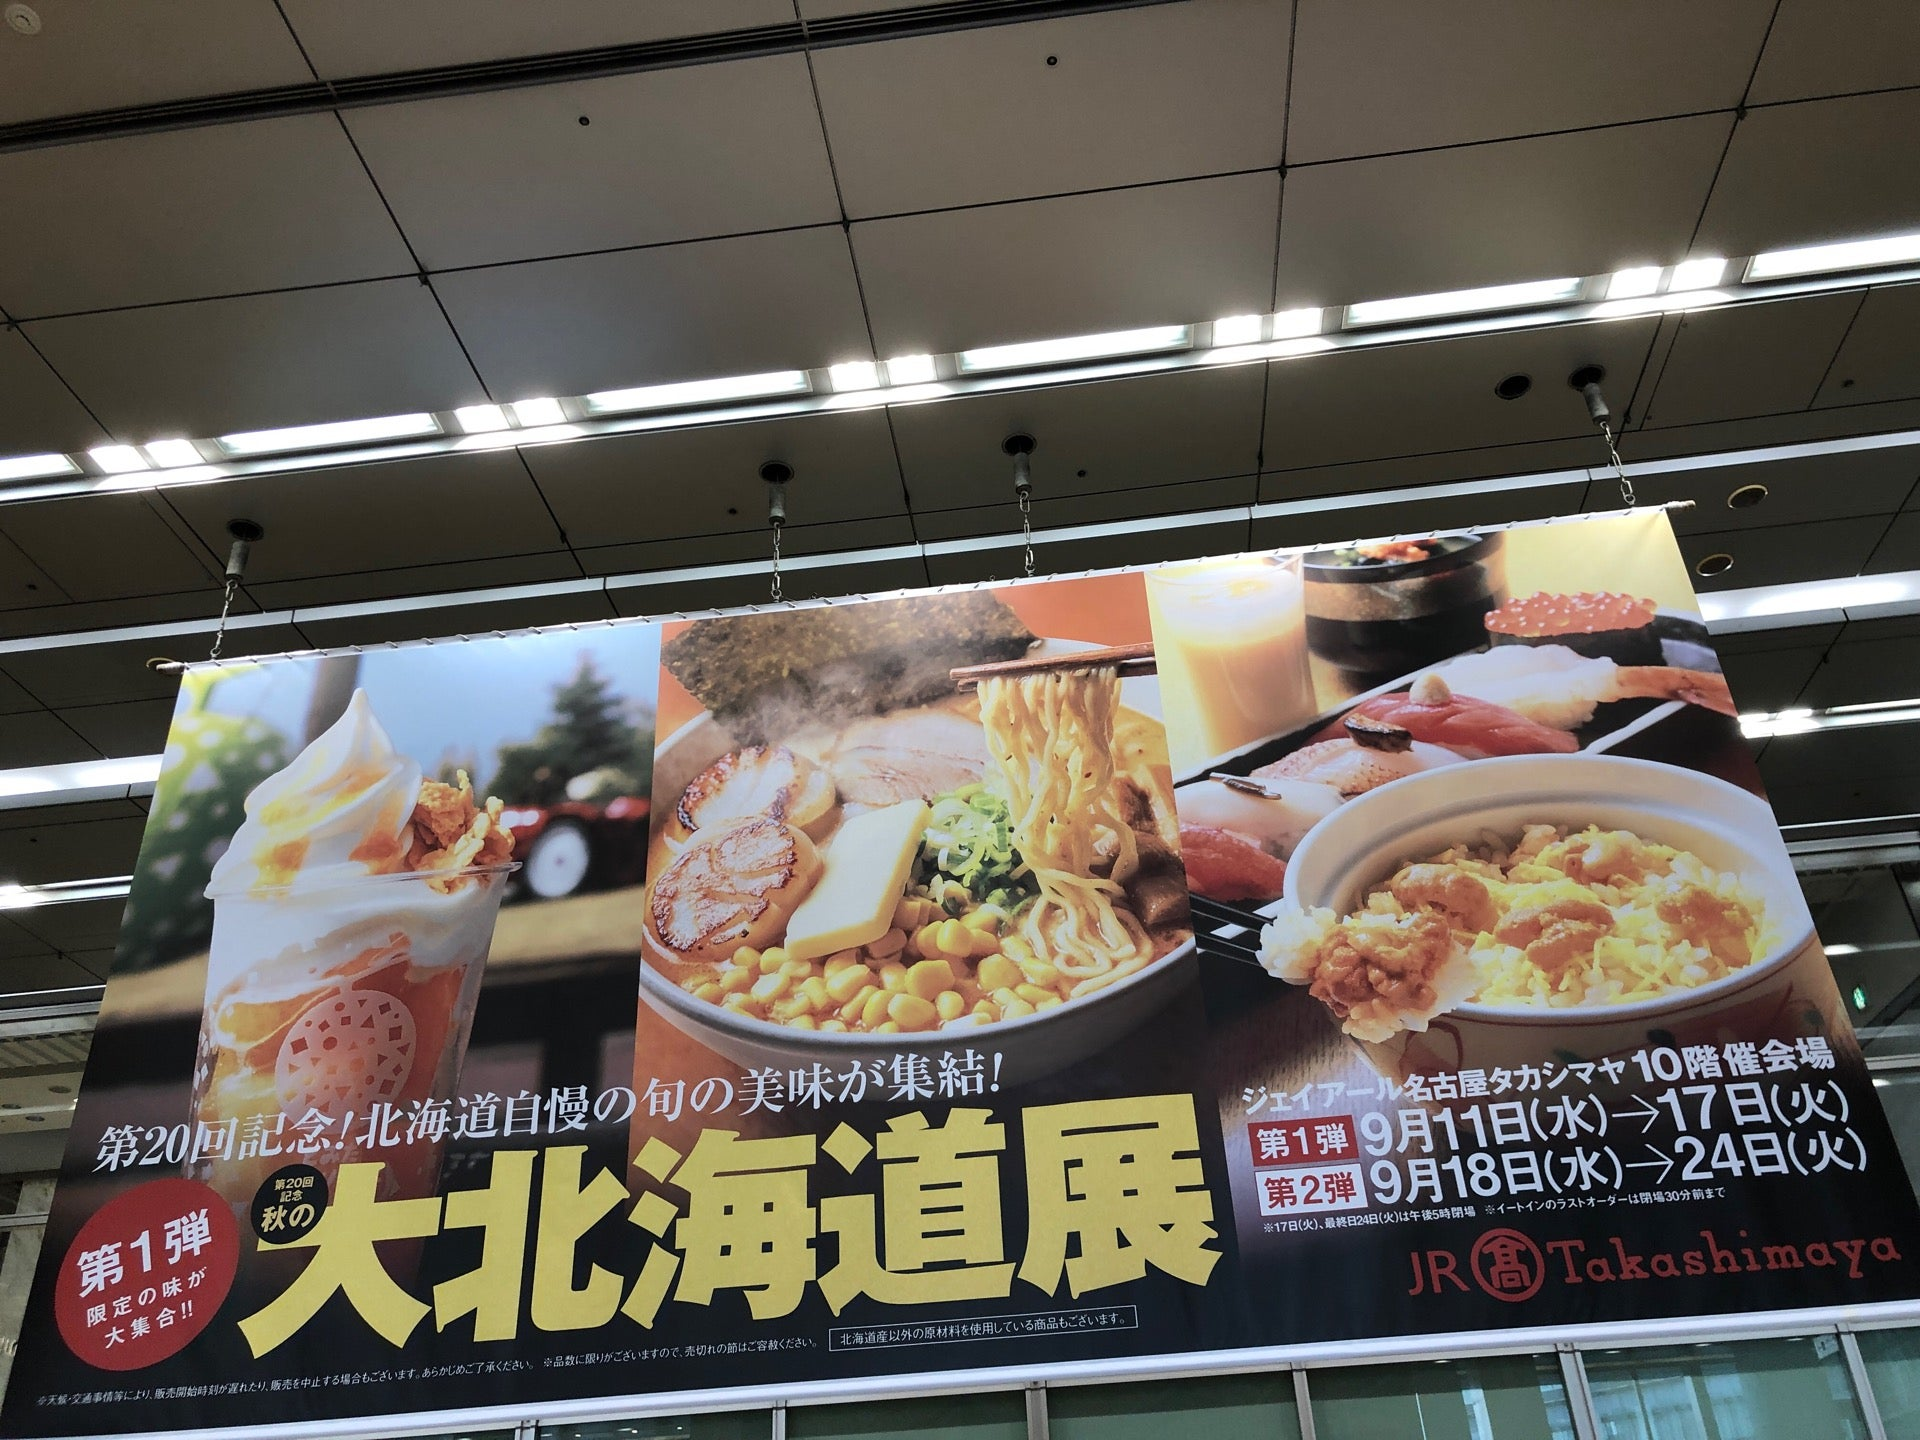 今日からタカシマヤで大北海道展らしい。 (@ JRセントラルタワーズ in 名古屋市, 愛知県) https://t.co/3uaV6icINe https://t.co/FTCd5JZIyx